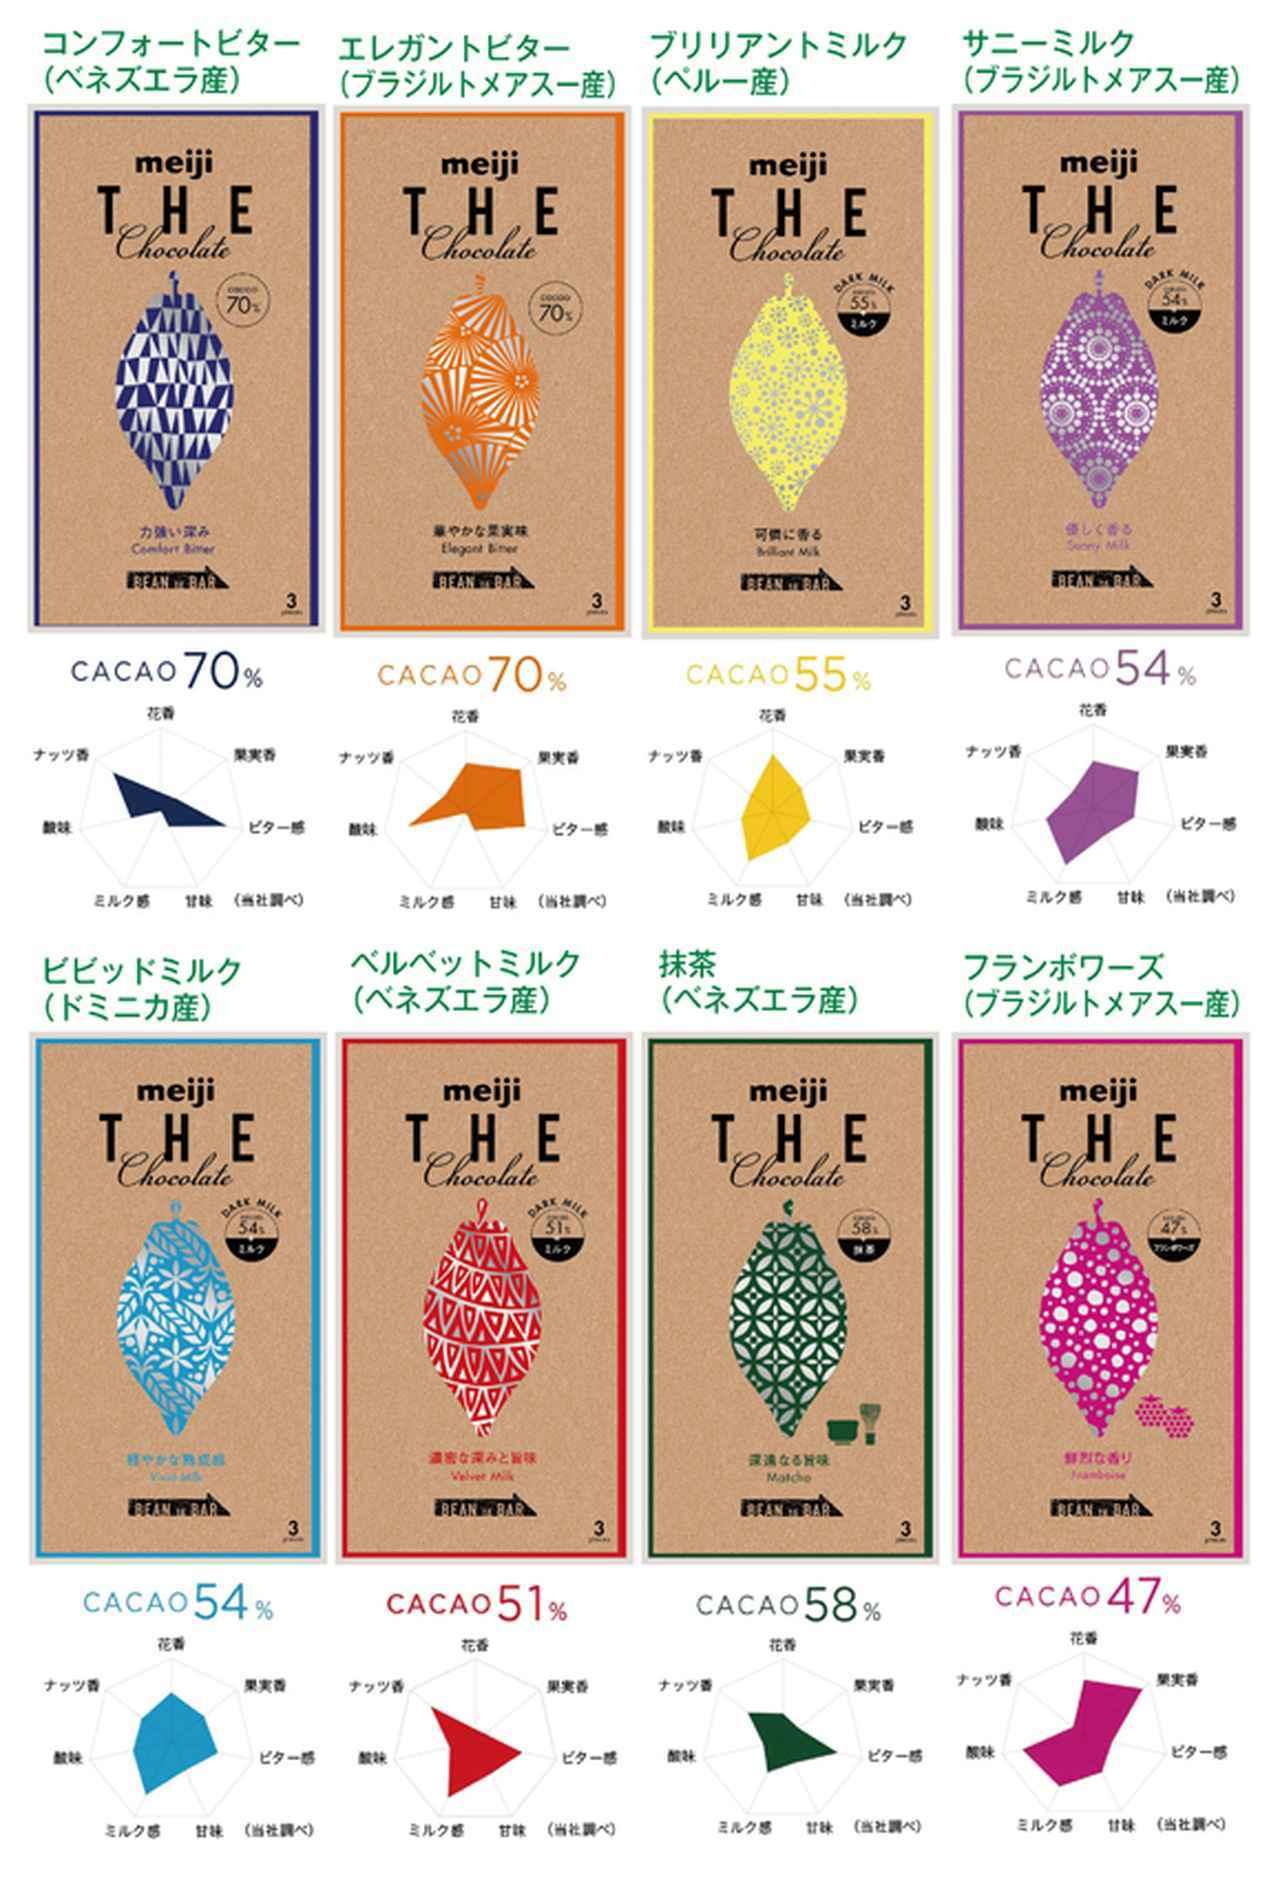 画像: 8種のラインアップは、カカオの含有量が47〜70%と大きく異なる。味わいは「花香」「果実香」「ビター感」「甘み」「ミルク感」「酸味」「ナッツ香」という7要素のチャートで表現され、パッケージにも記載されている。